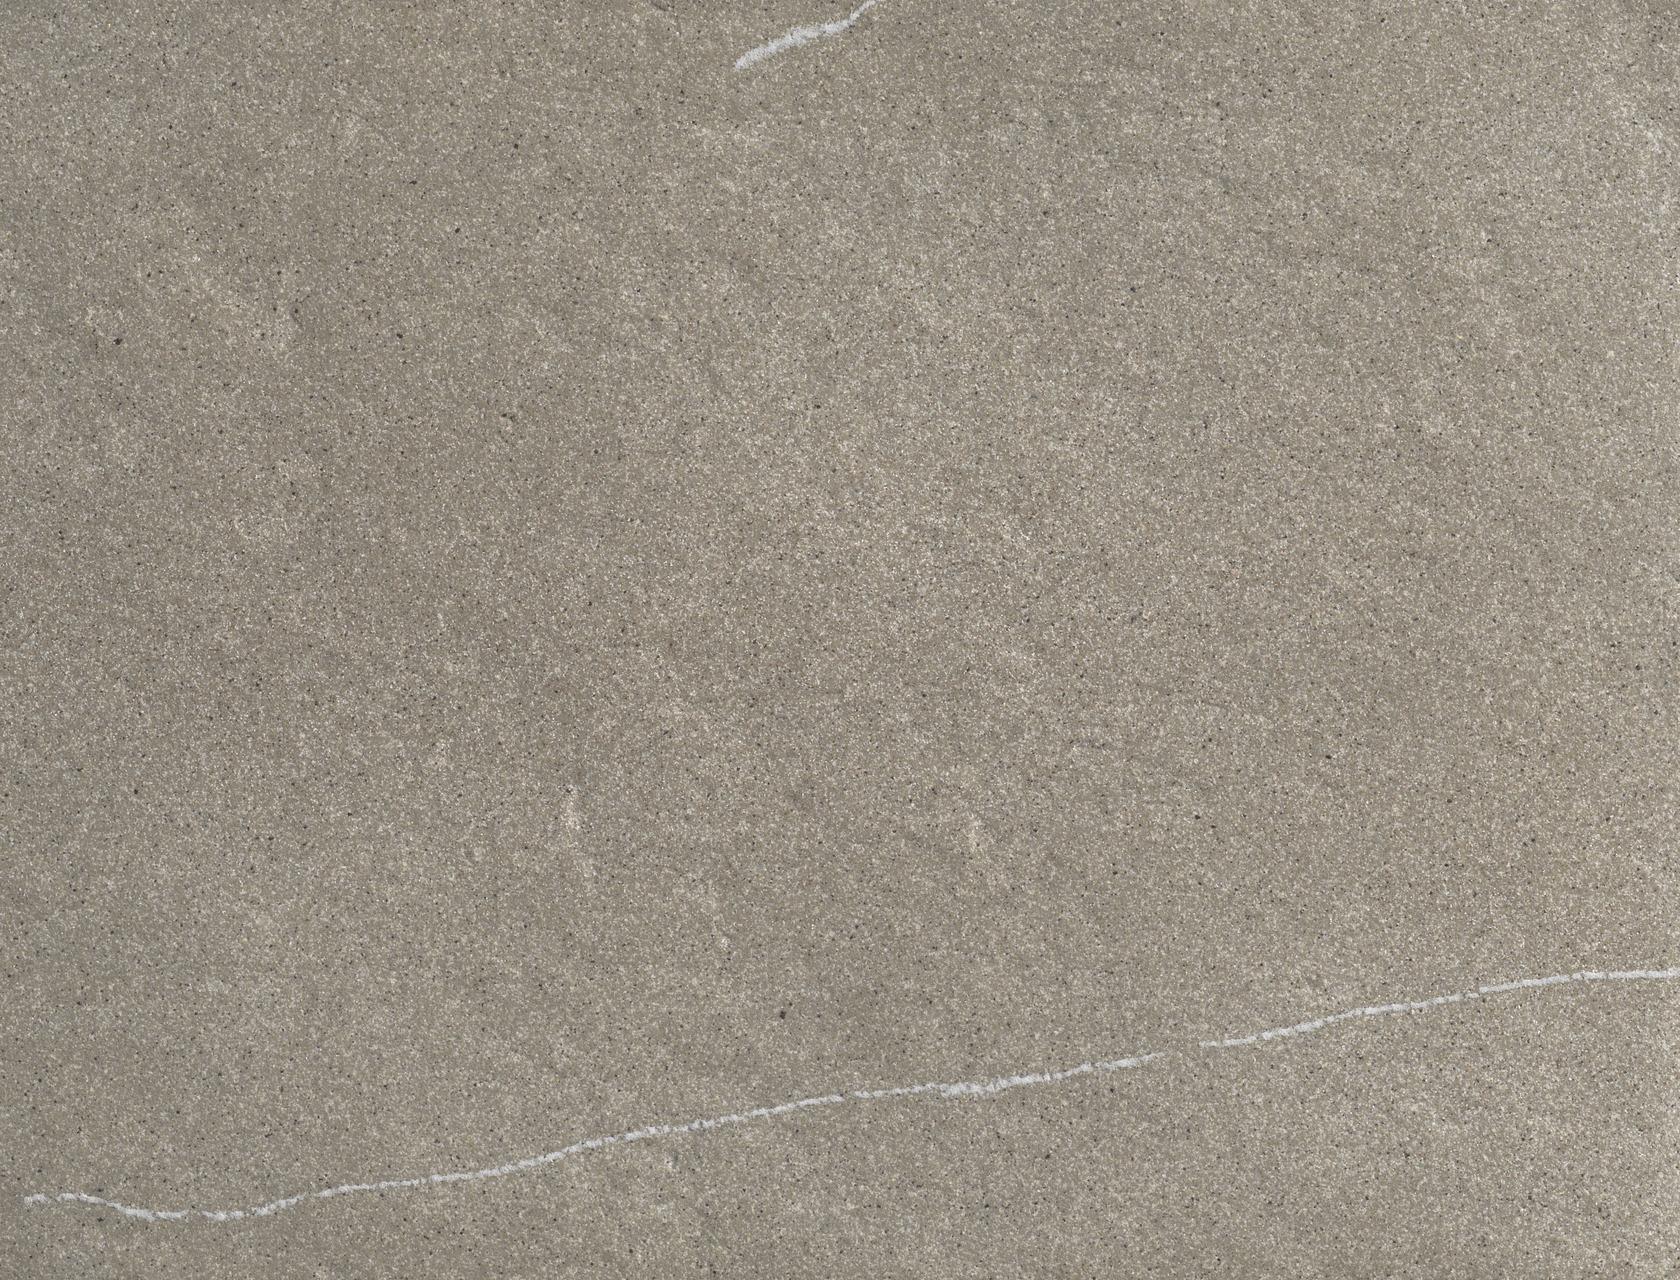 Pietra piasentina pavimento grigio effetto pietra - Gres effetto pietra ...